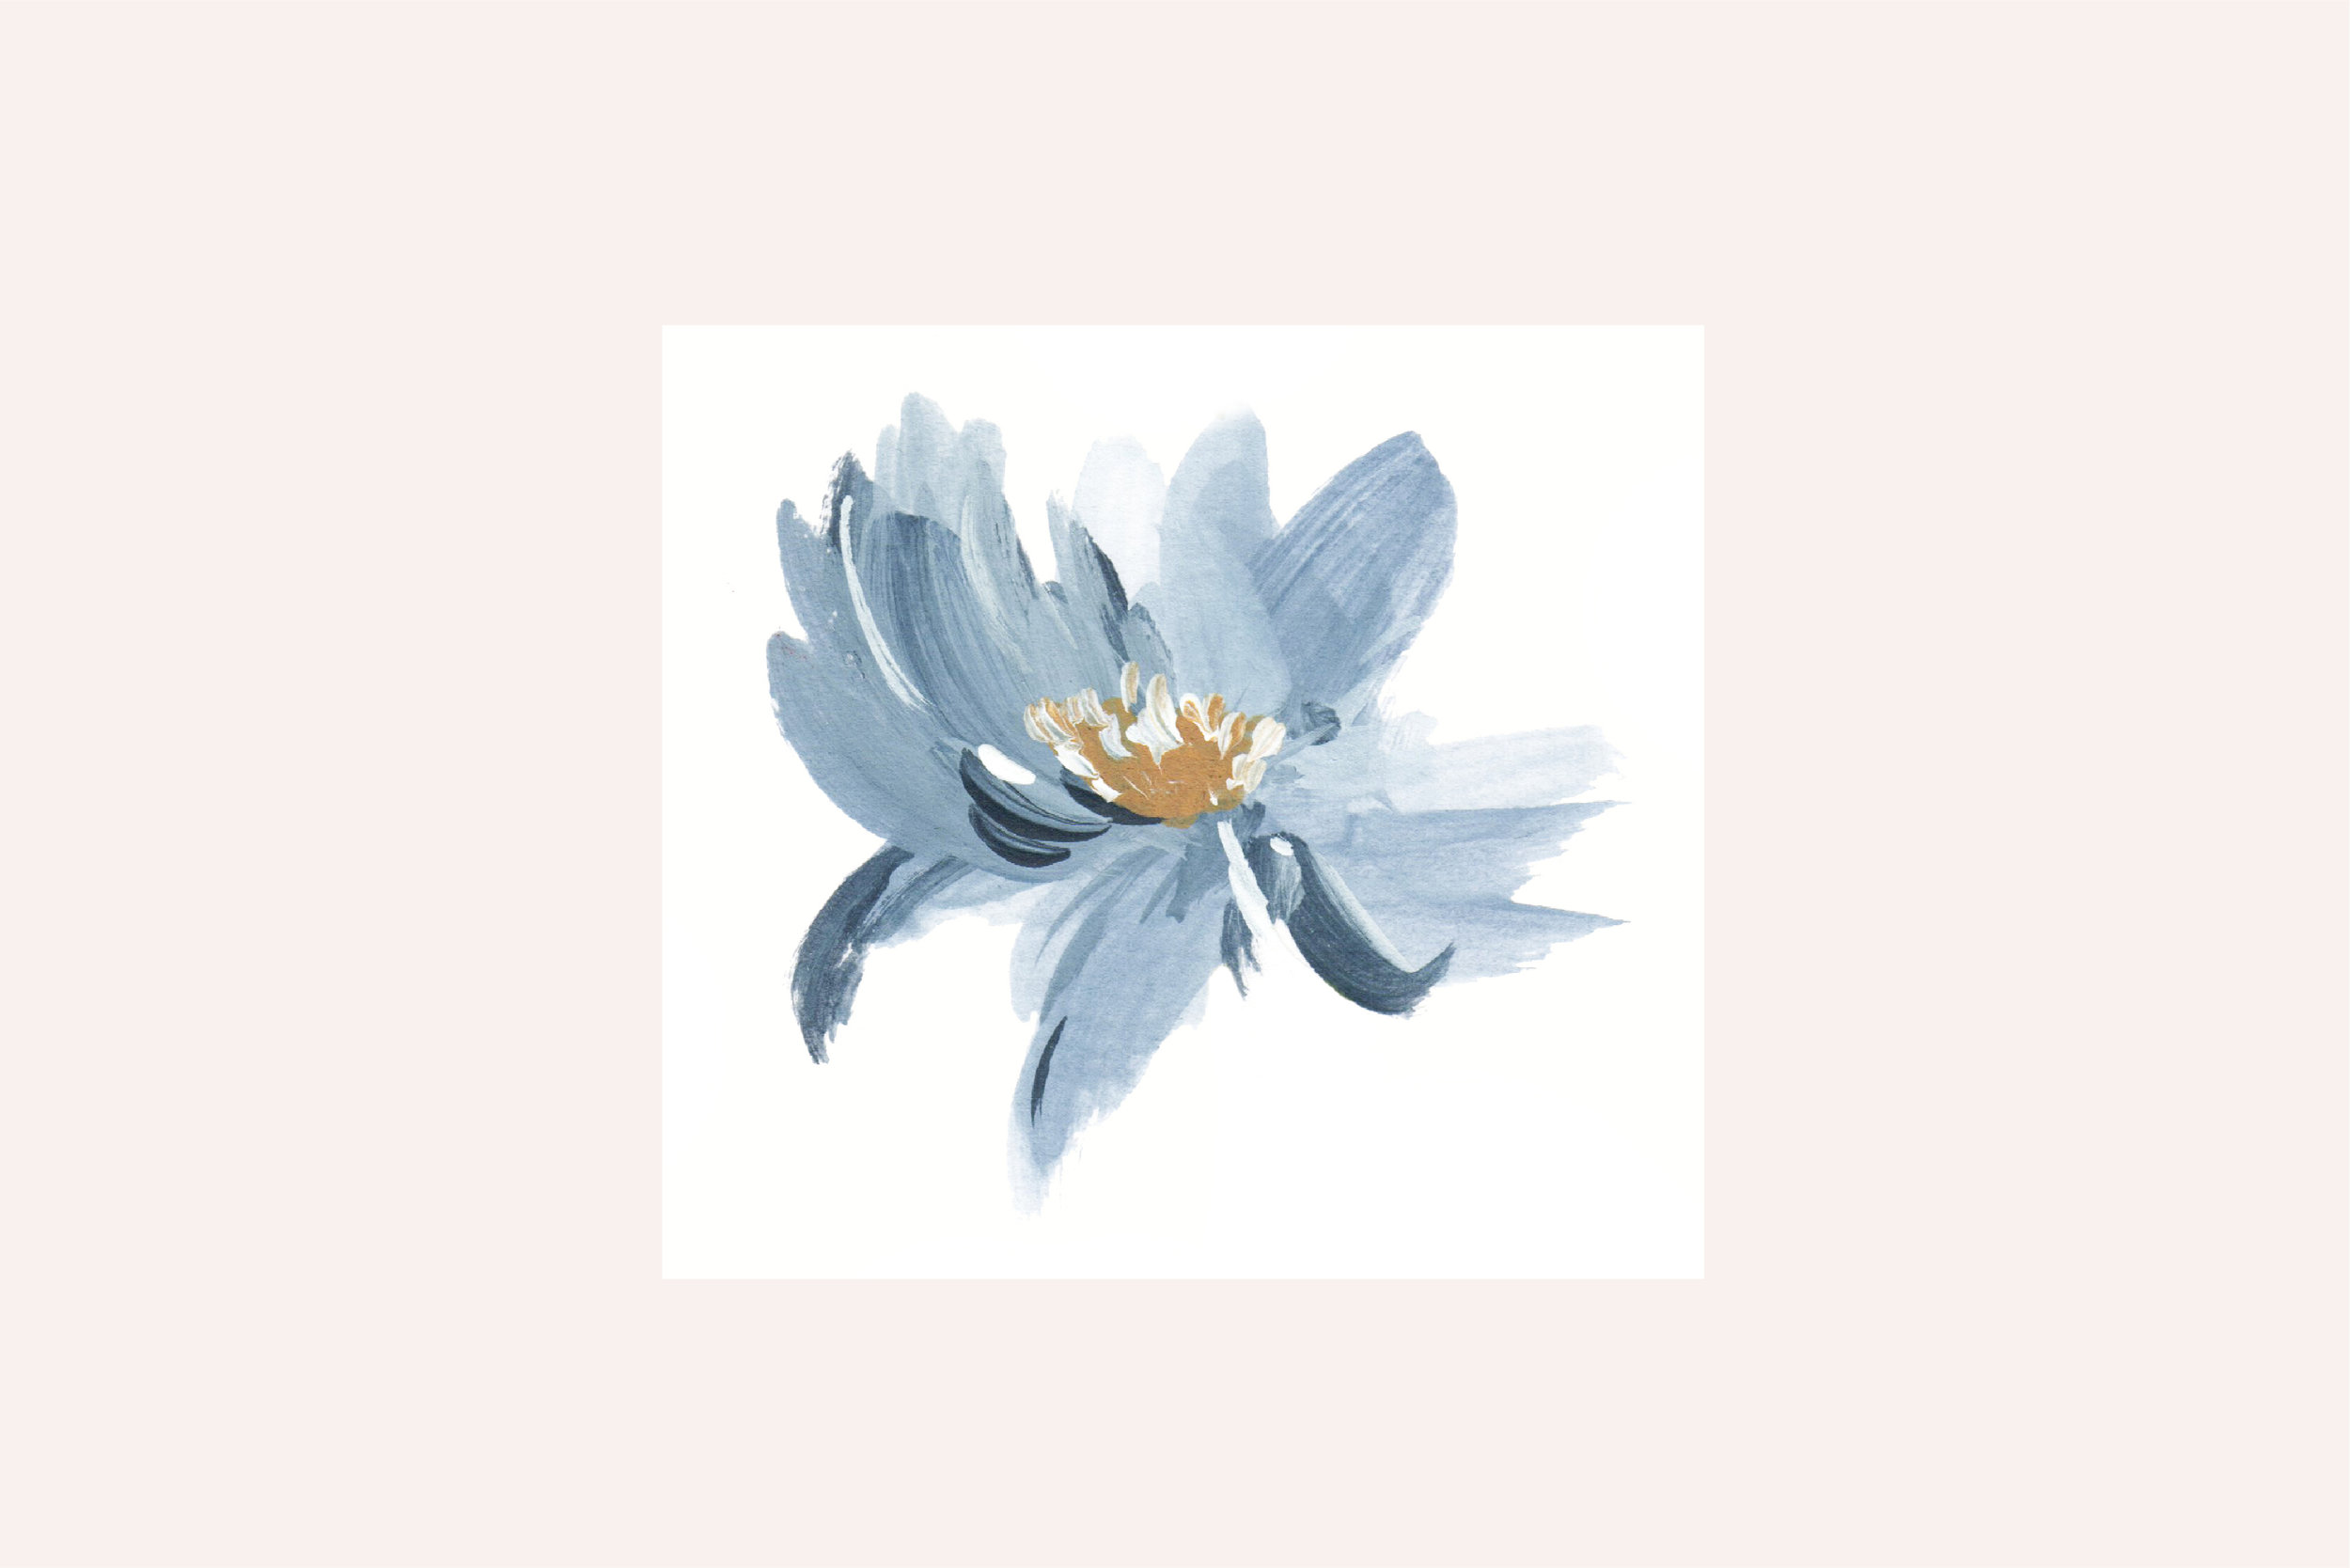 Wilkie_maryclarewilkie-card-fleur-pattern-03.jpg